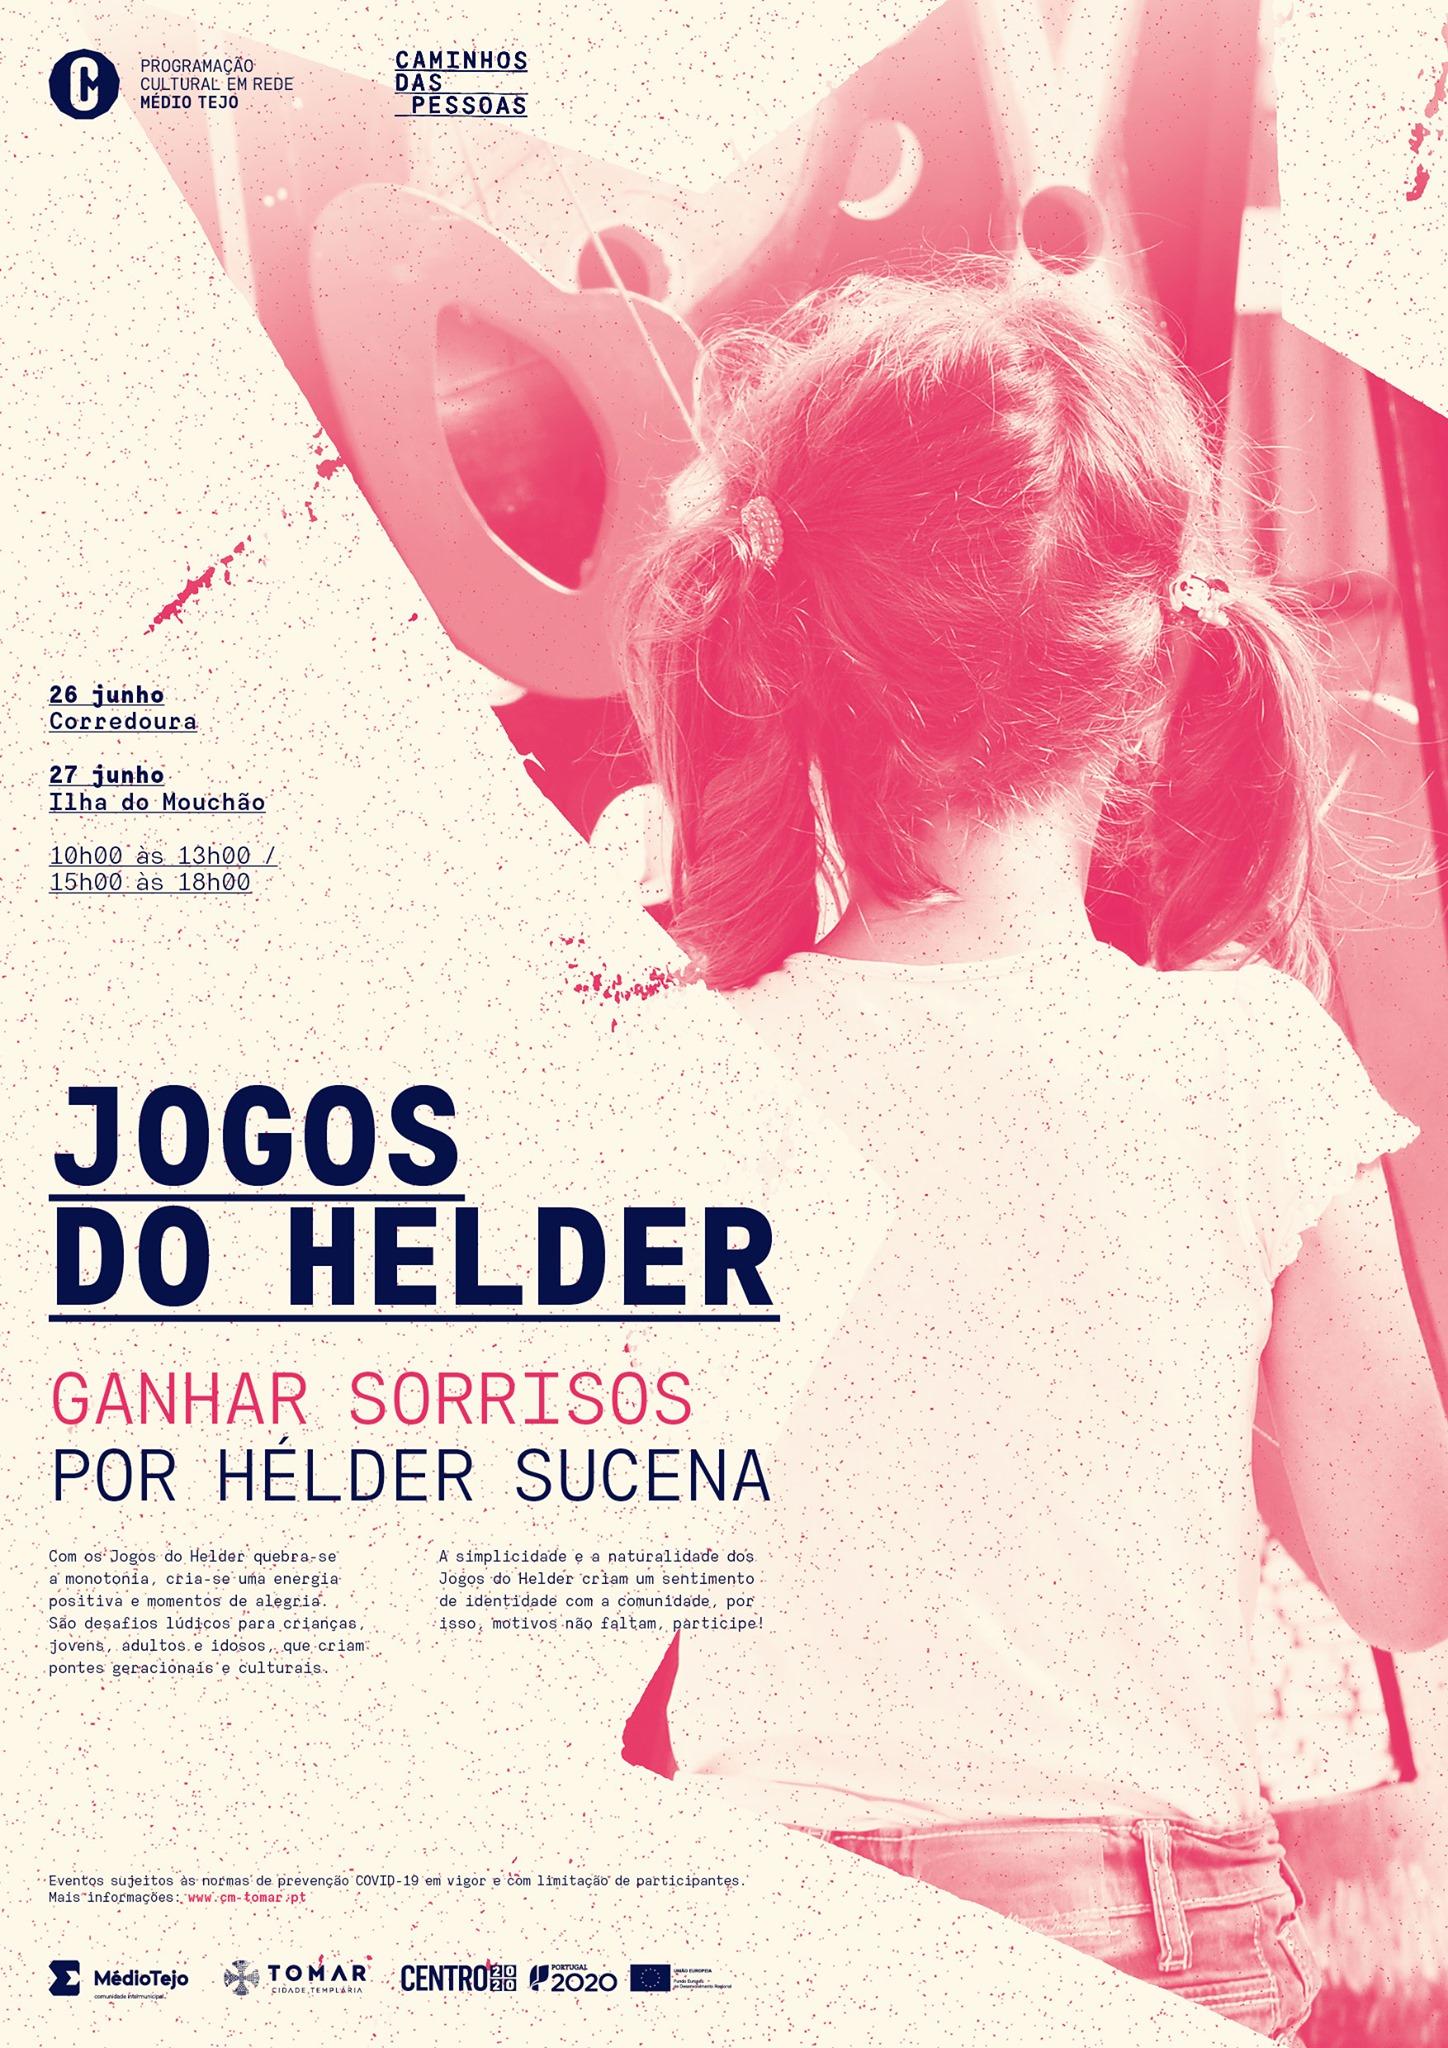 Jogos do Helder